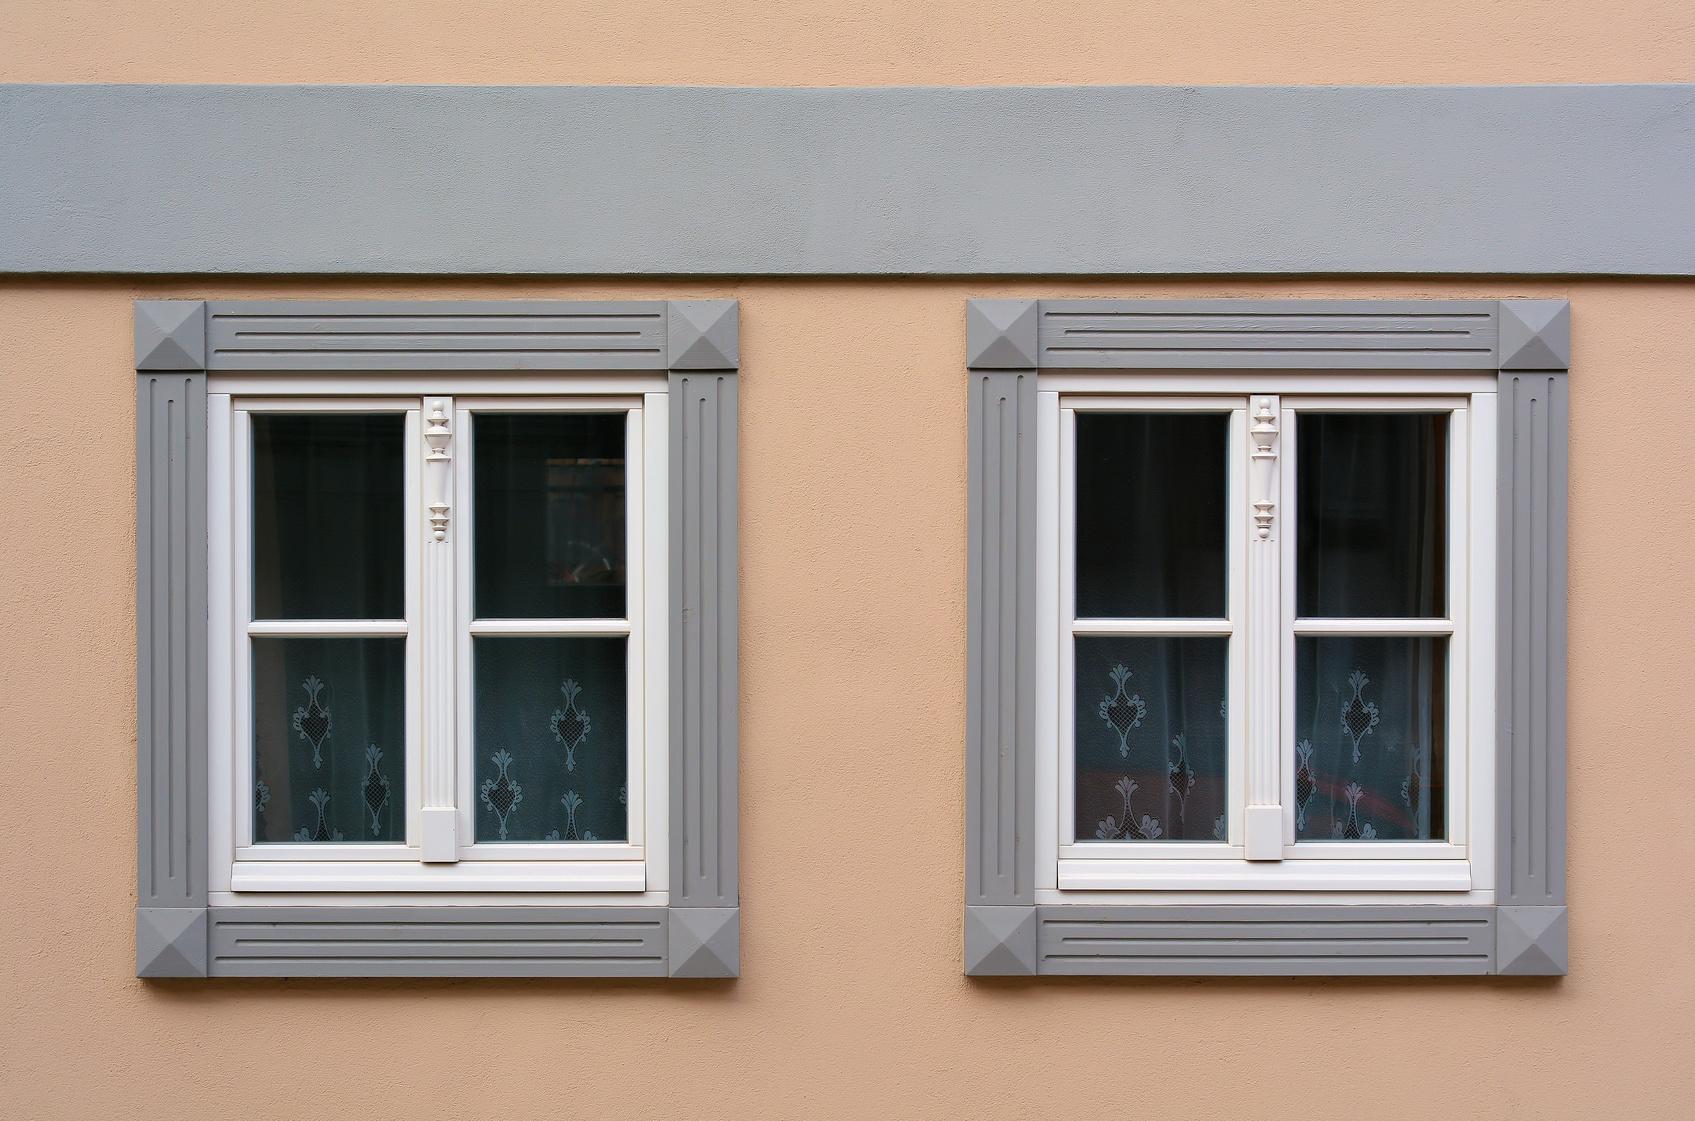 Full Size of Fenster Tauschen Kosten Mieter Austauschen Lassen Preise Berechnen Bad Erneuern Wohnzimmer Fensterfugen Erneuern